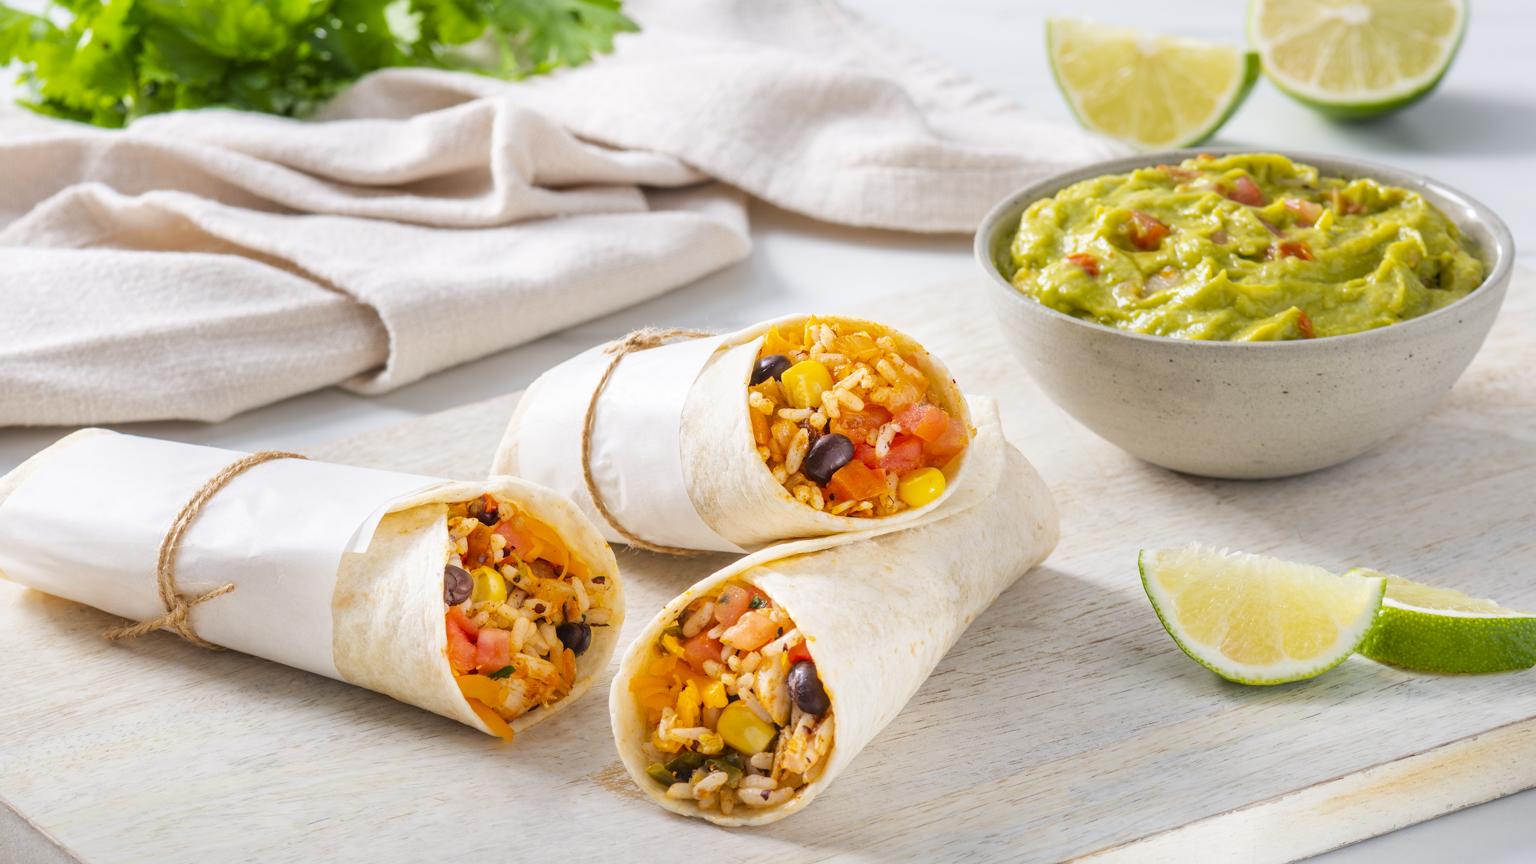 Tex Mex Chicken Burrito